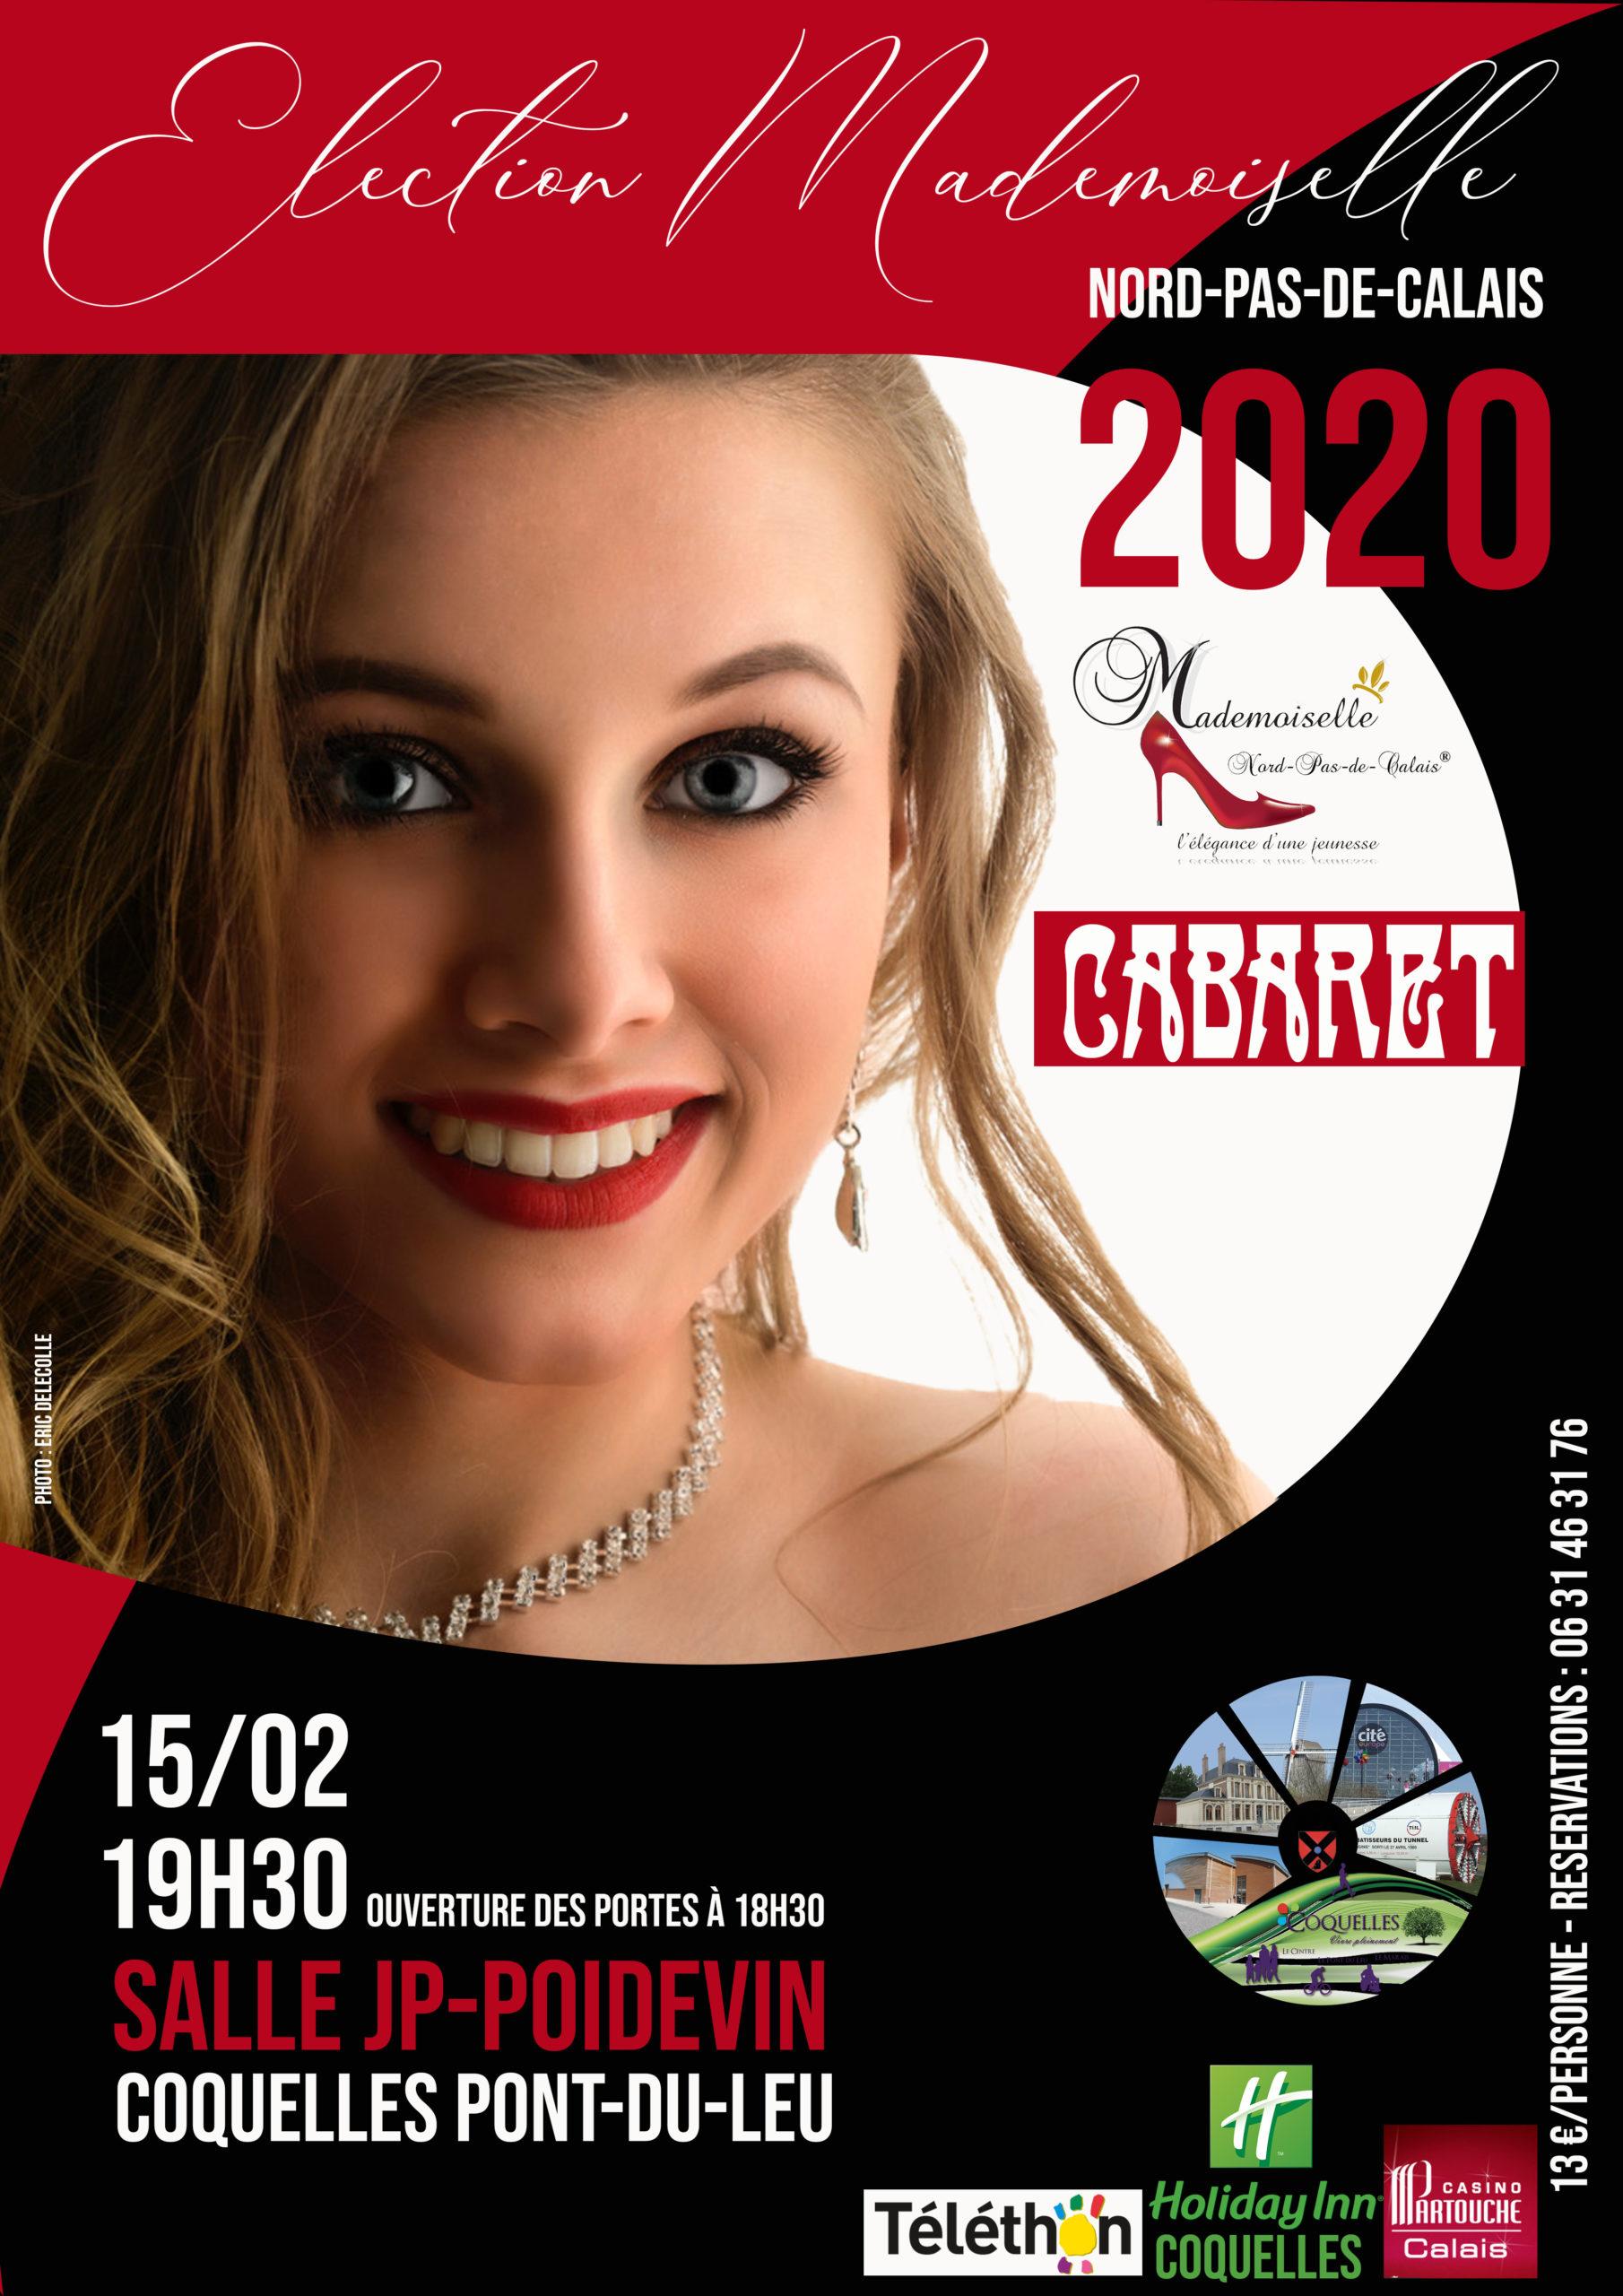 Election Mademoiselle Nord-Pas-de-Calais